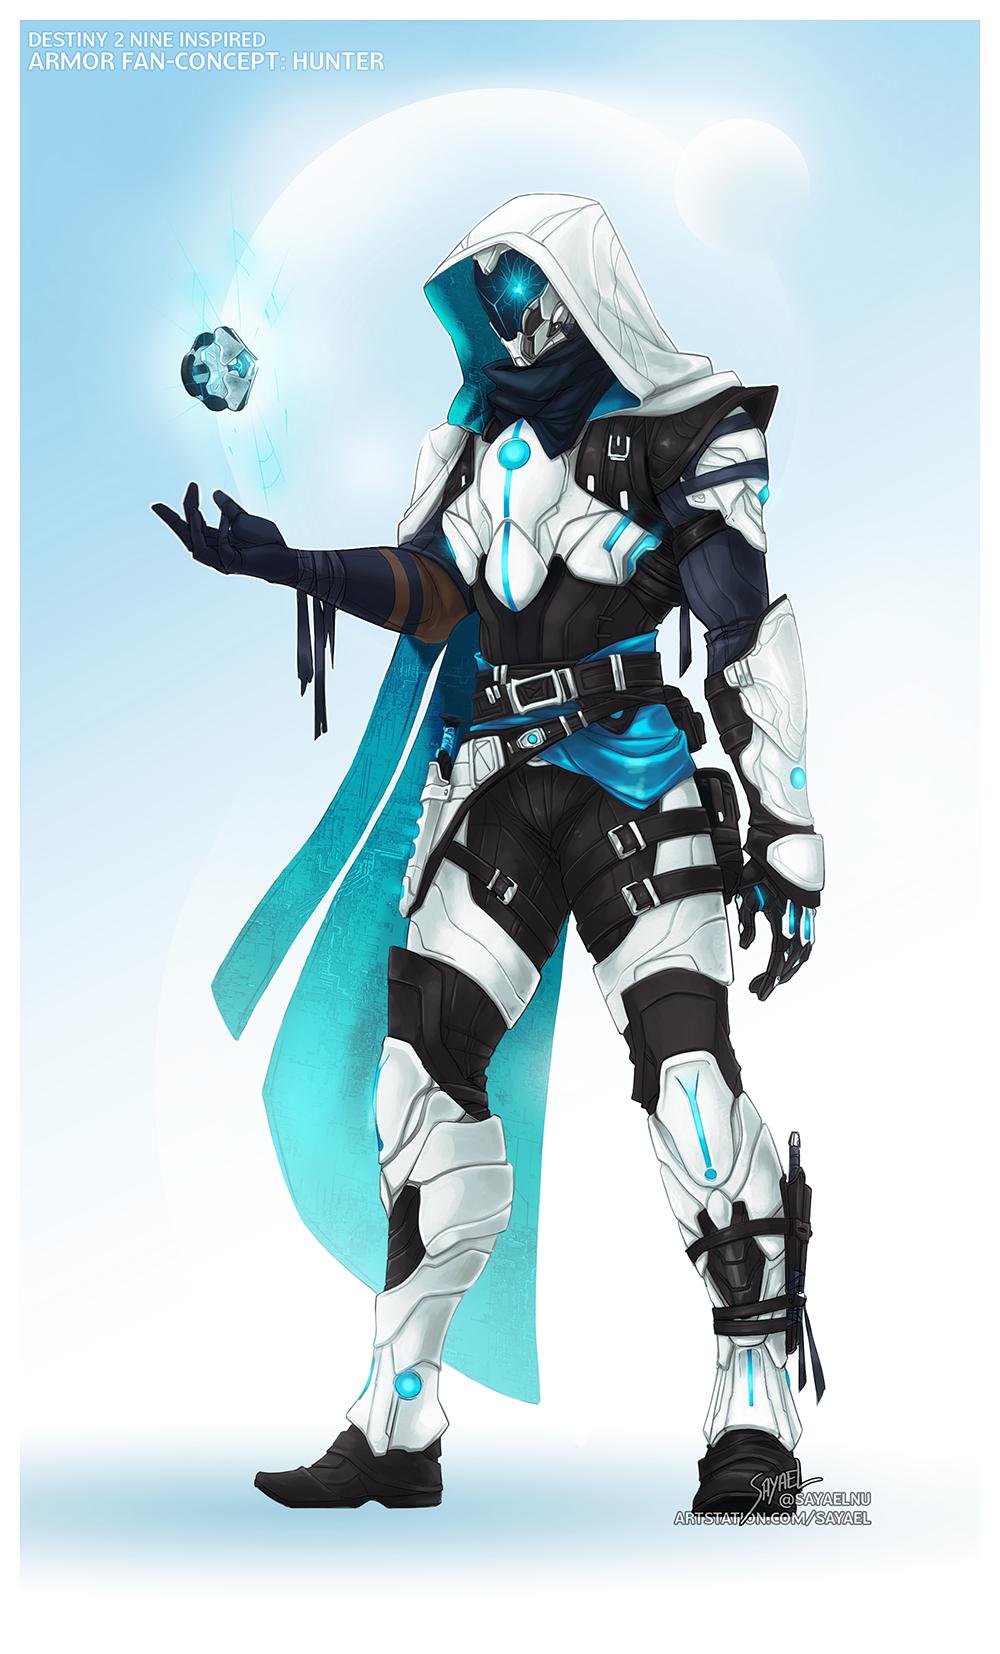 Eye of the Nine - Hunter Armor FanConcept